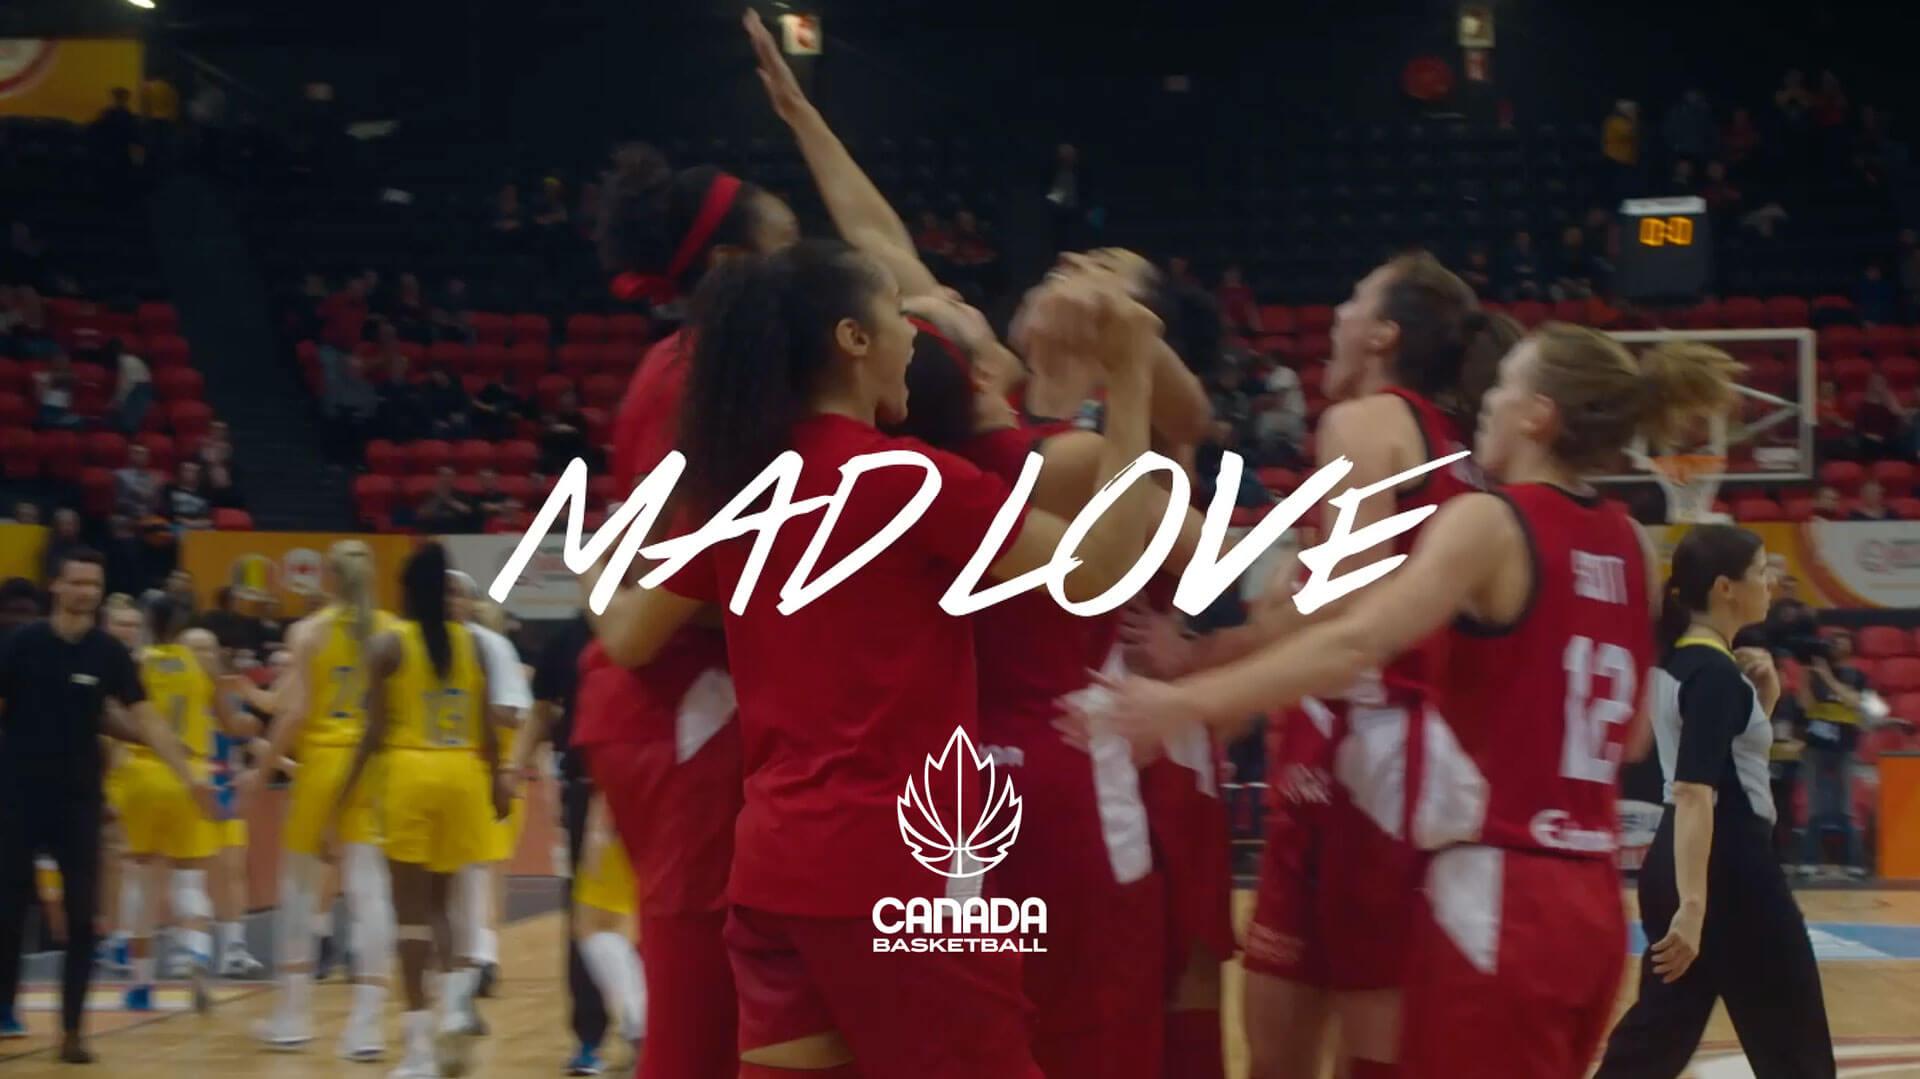 Mad Love texte avec équipe basketball féminin